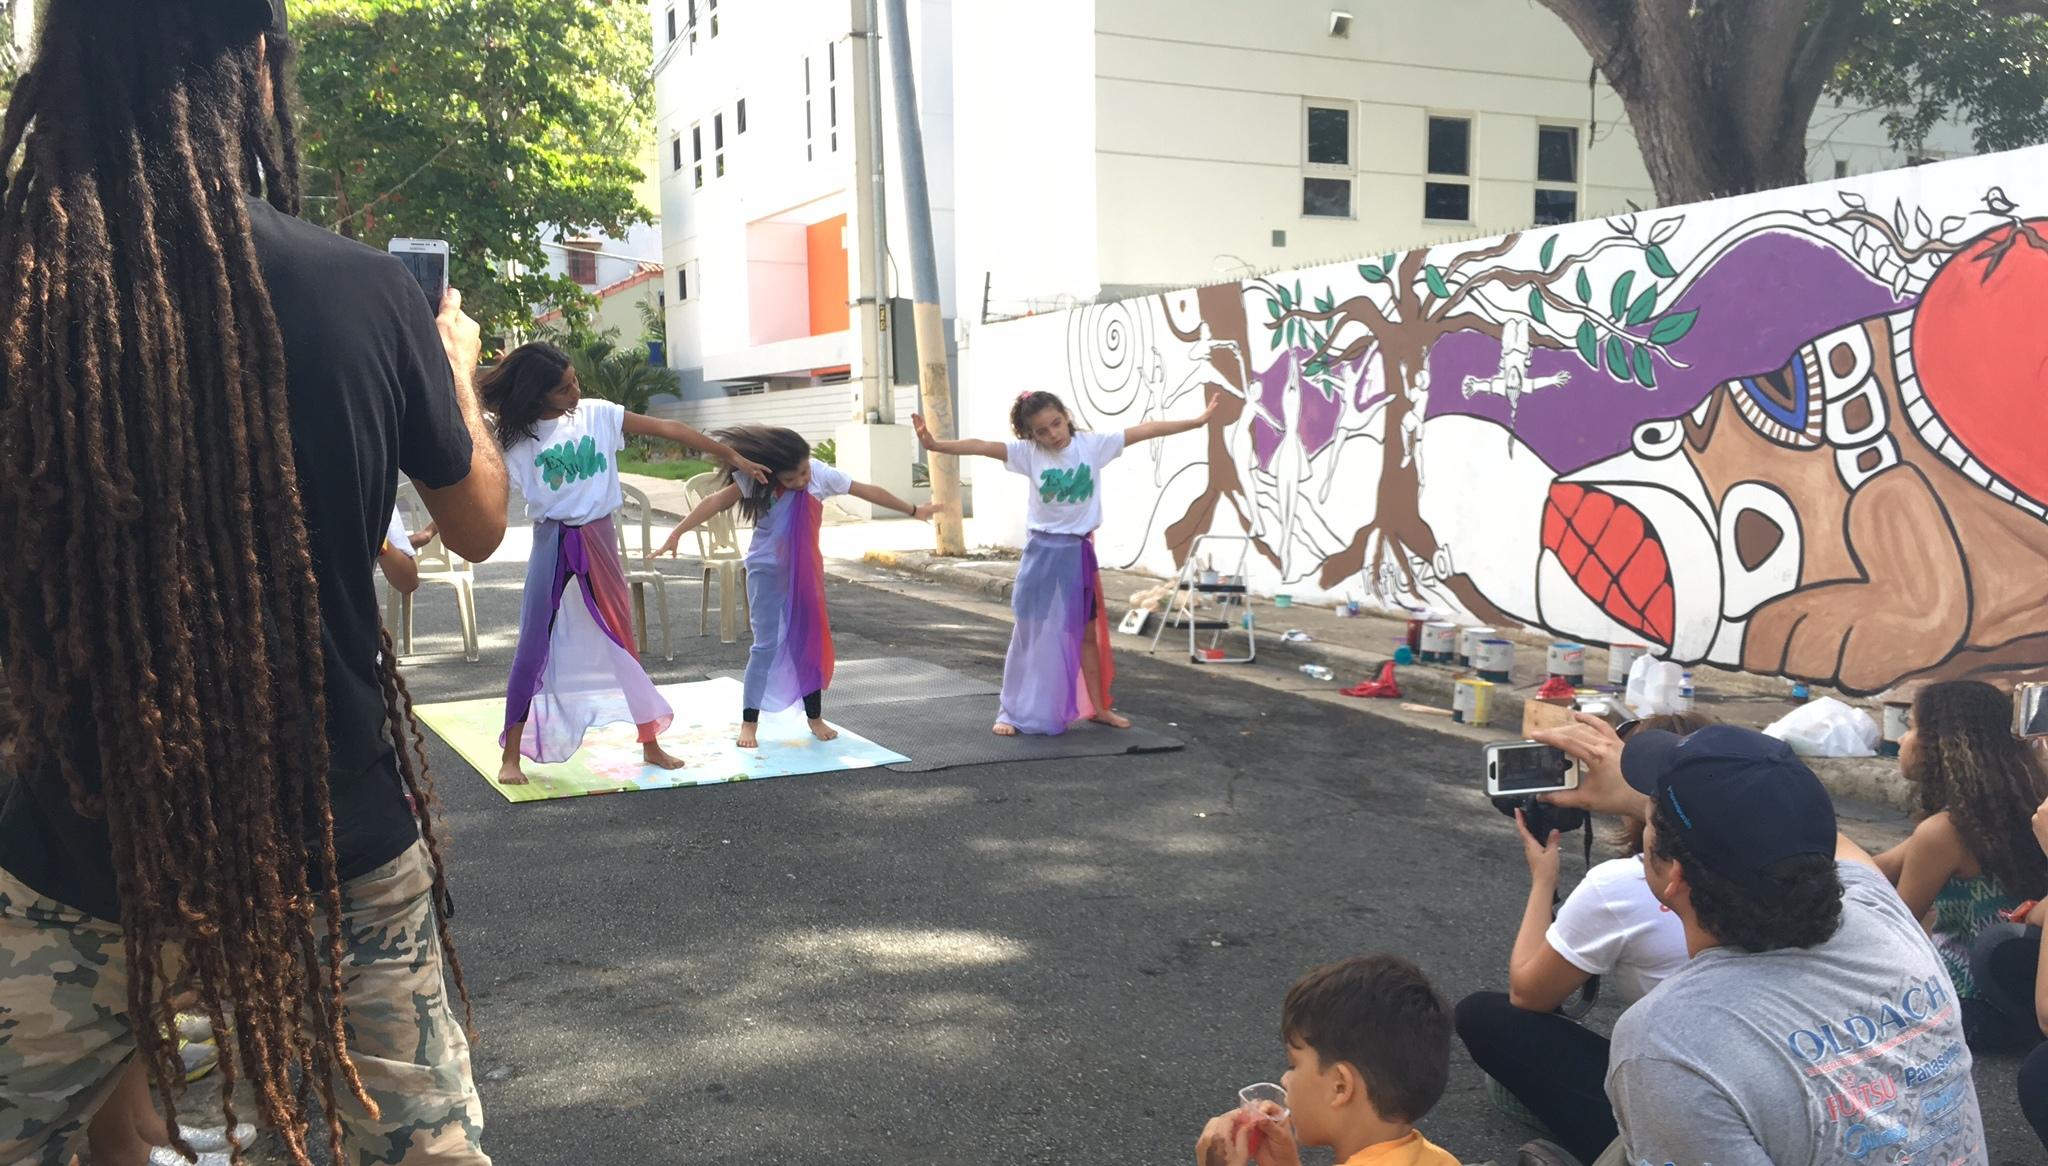 El baile fue integrado a la actividad de Ex Alt. (Foto Alina Marrero para Fundación Nacional para la Cultura Popular)